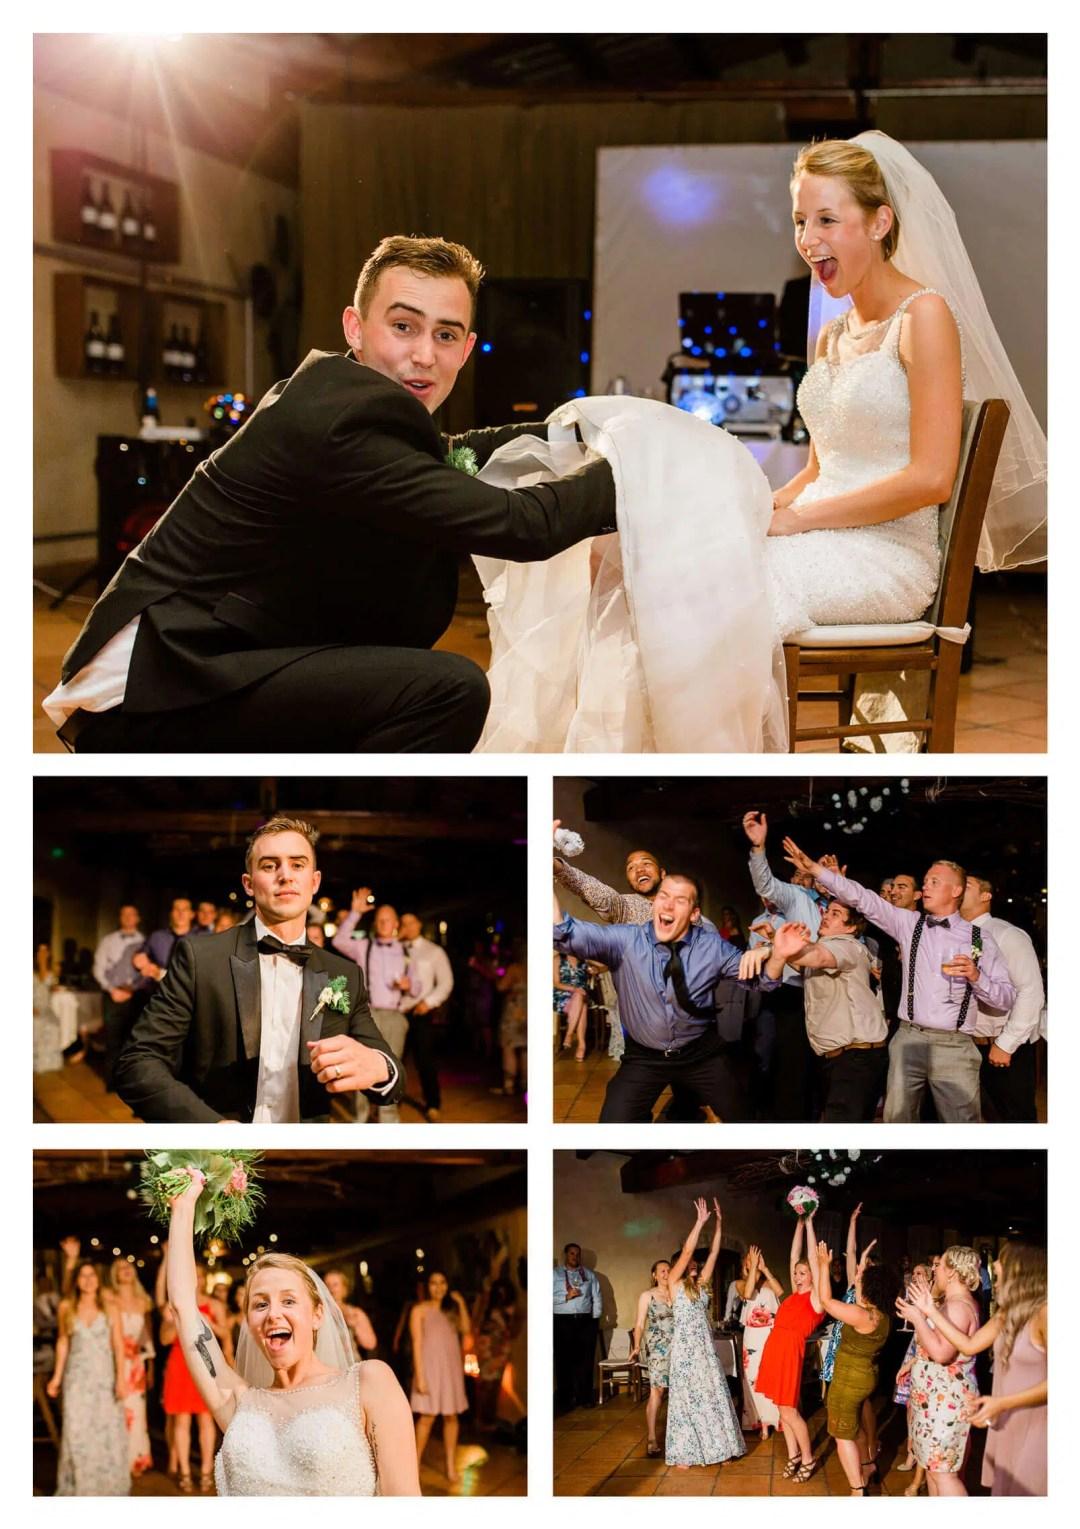 Bouquet and garter toss at Fossa Mala | Pordenone wedding photographer